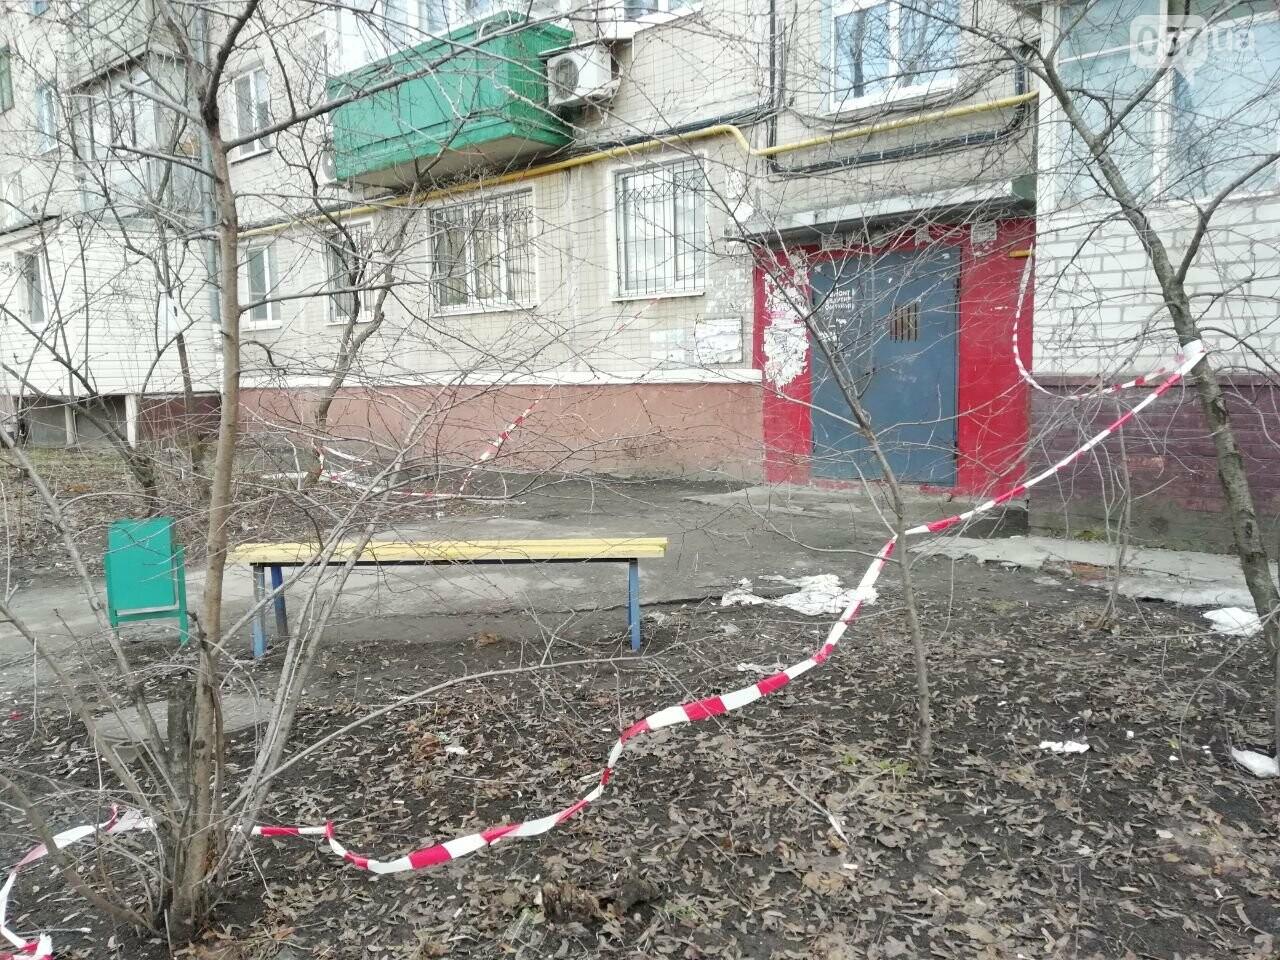 Выстрелы возле дома и неизвестные в масках: что рассказали жители о стрельбе на Московском проспекте, - ФОТО, фото-19